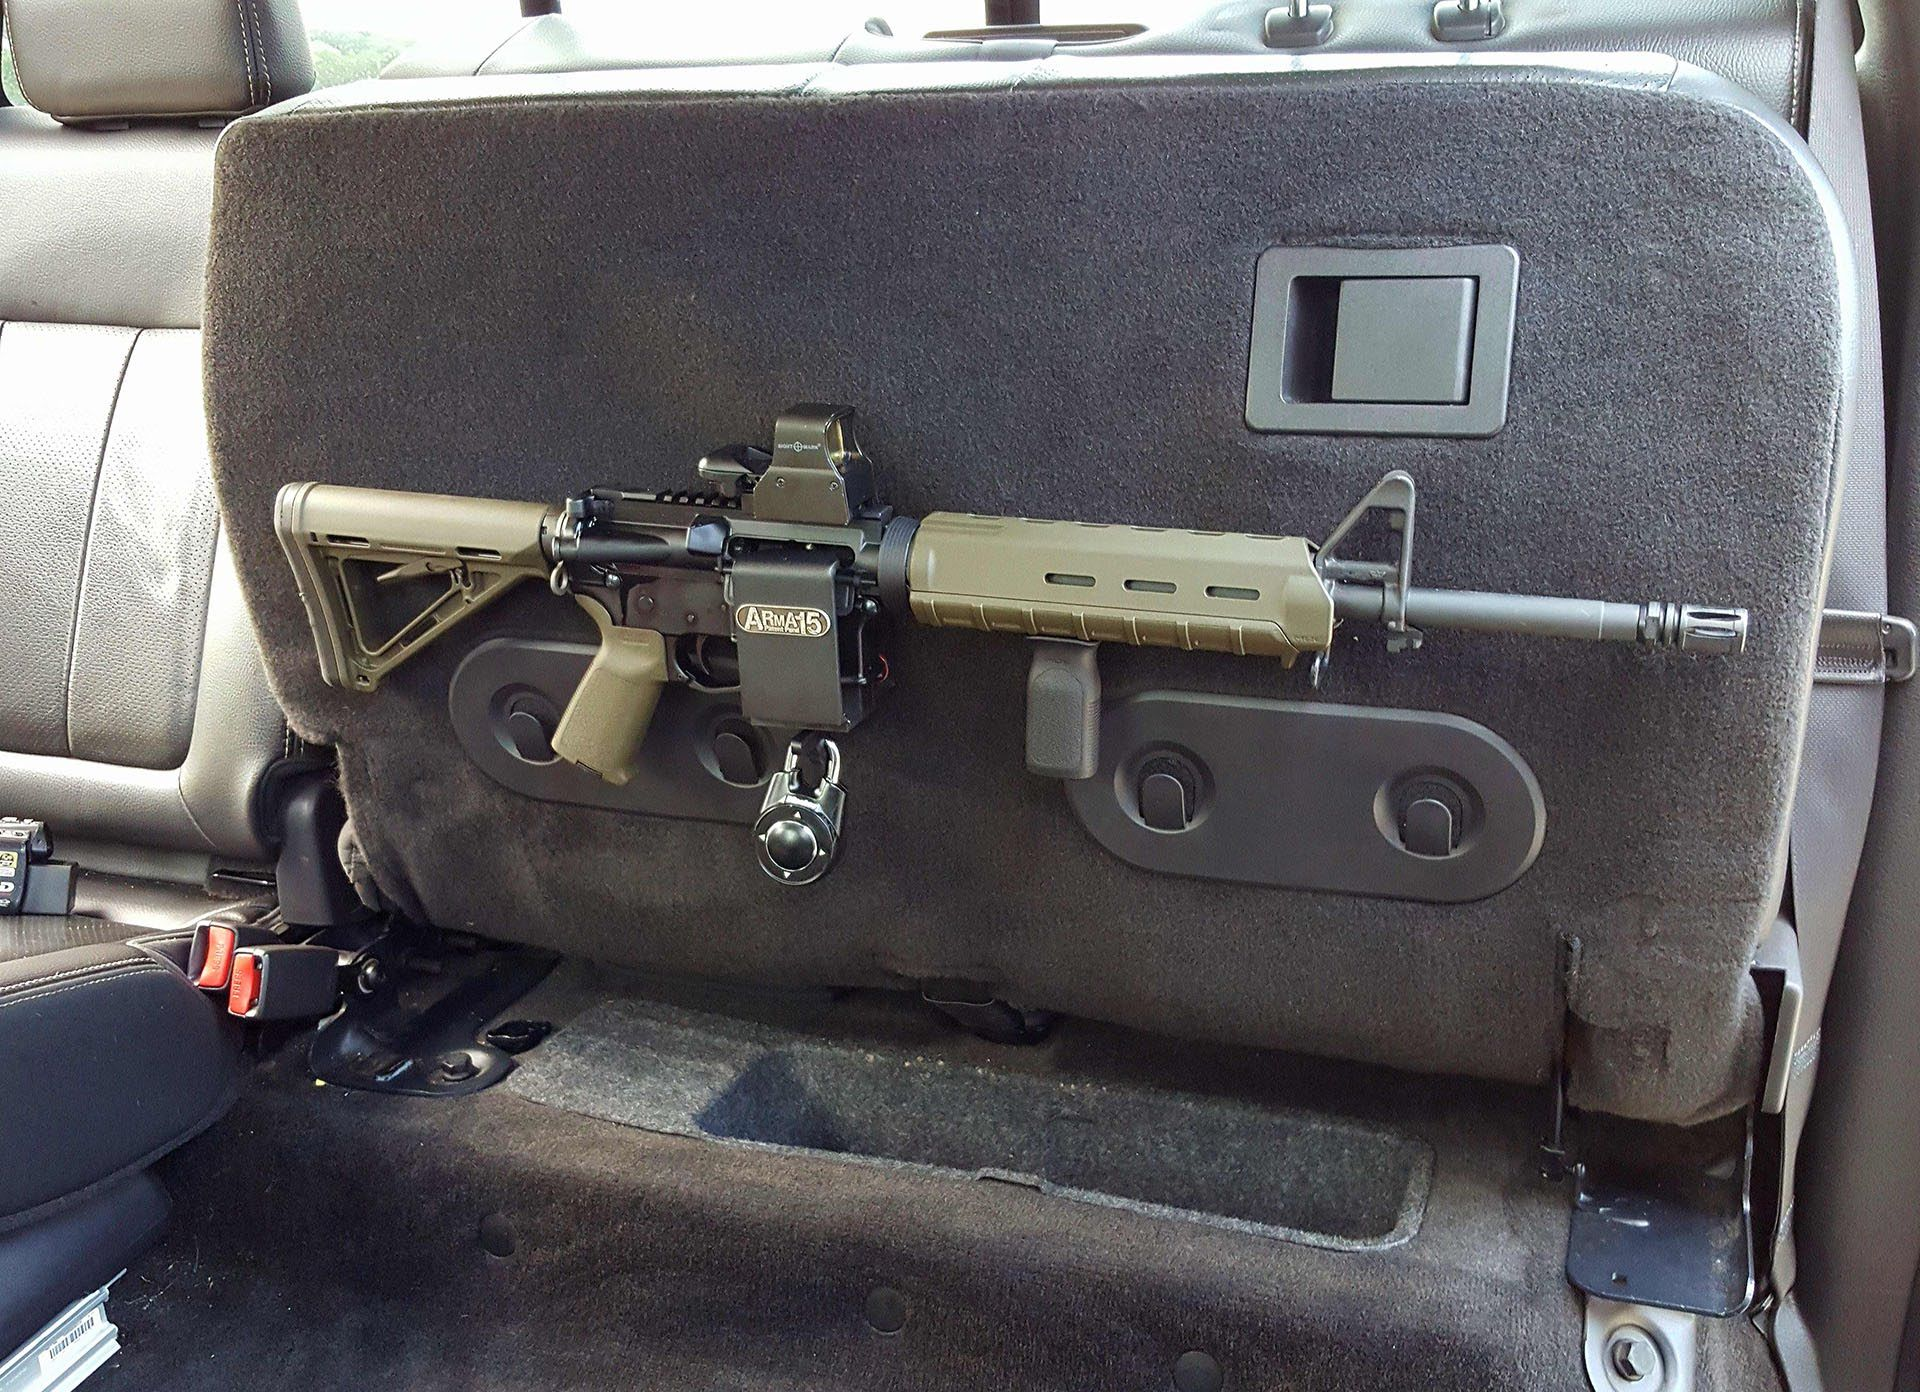 Pin By Magazinespeedloader On Gun Range Truck Storage